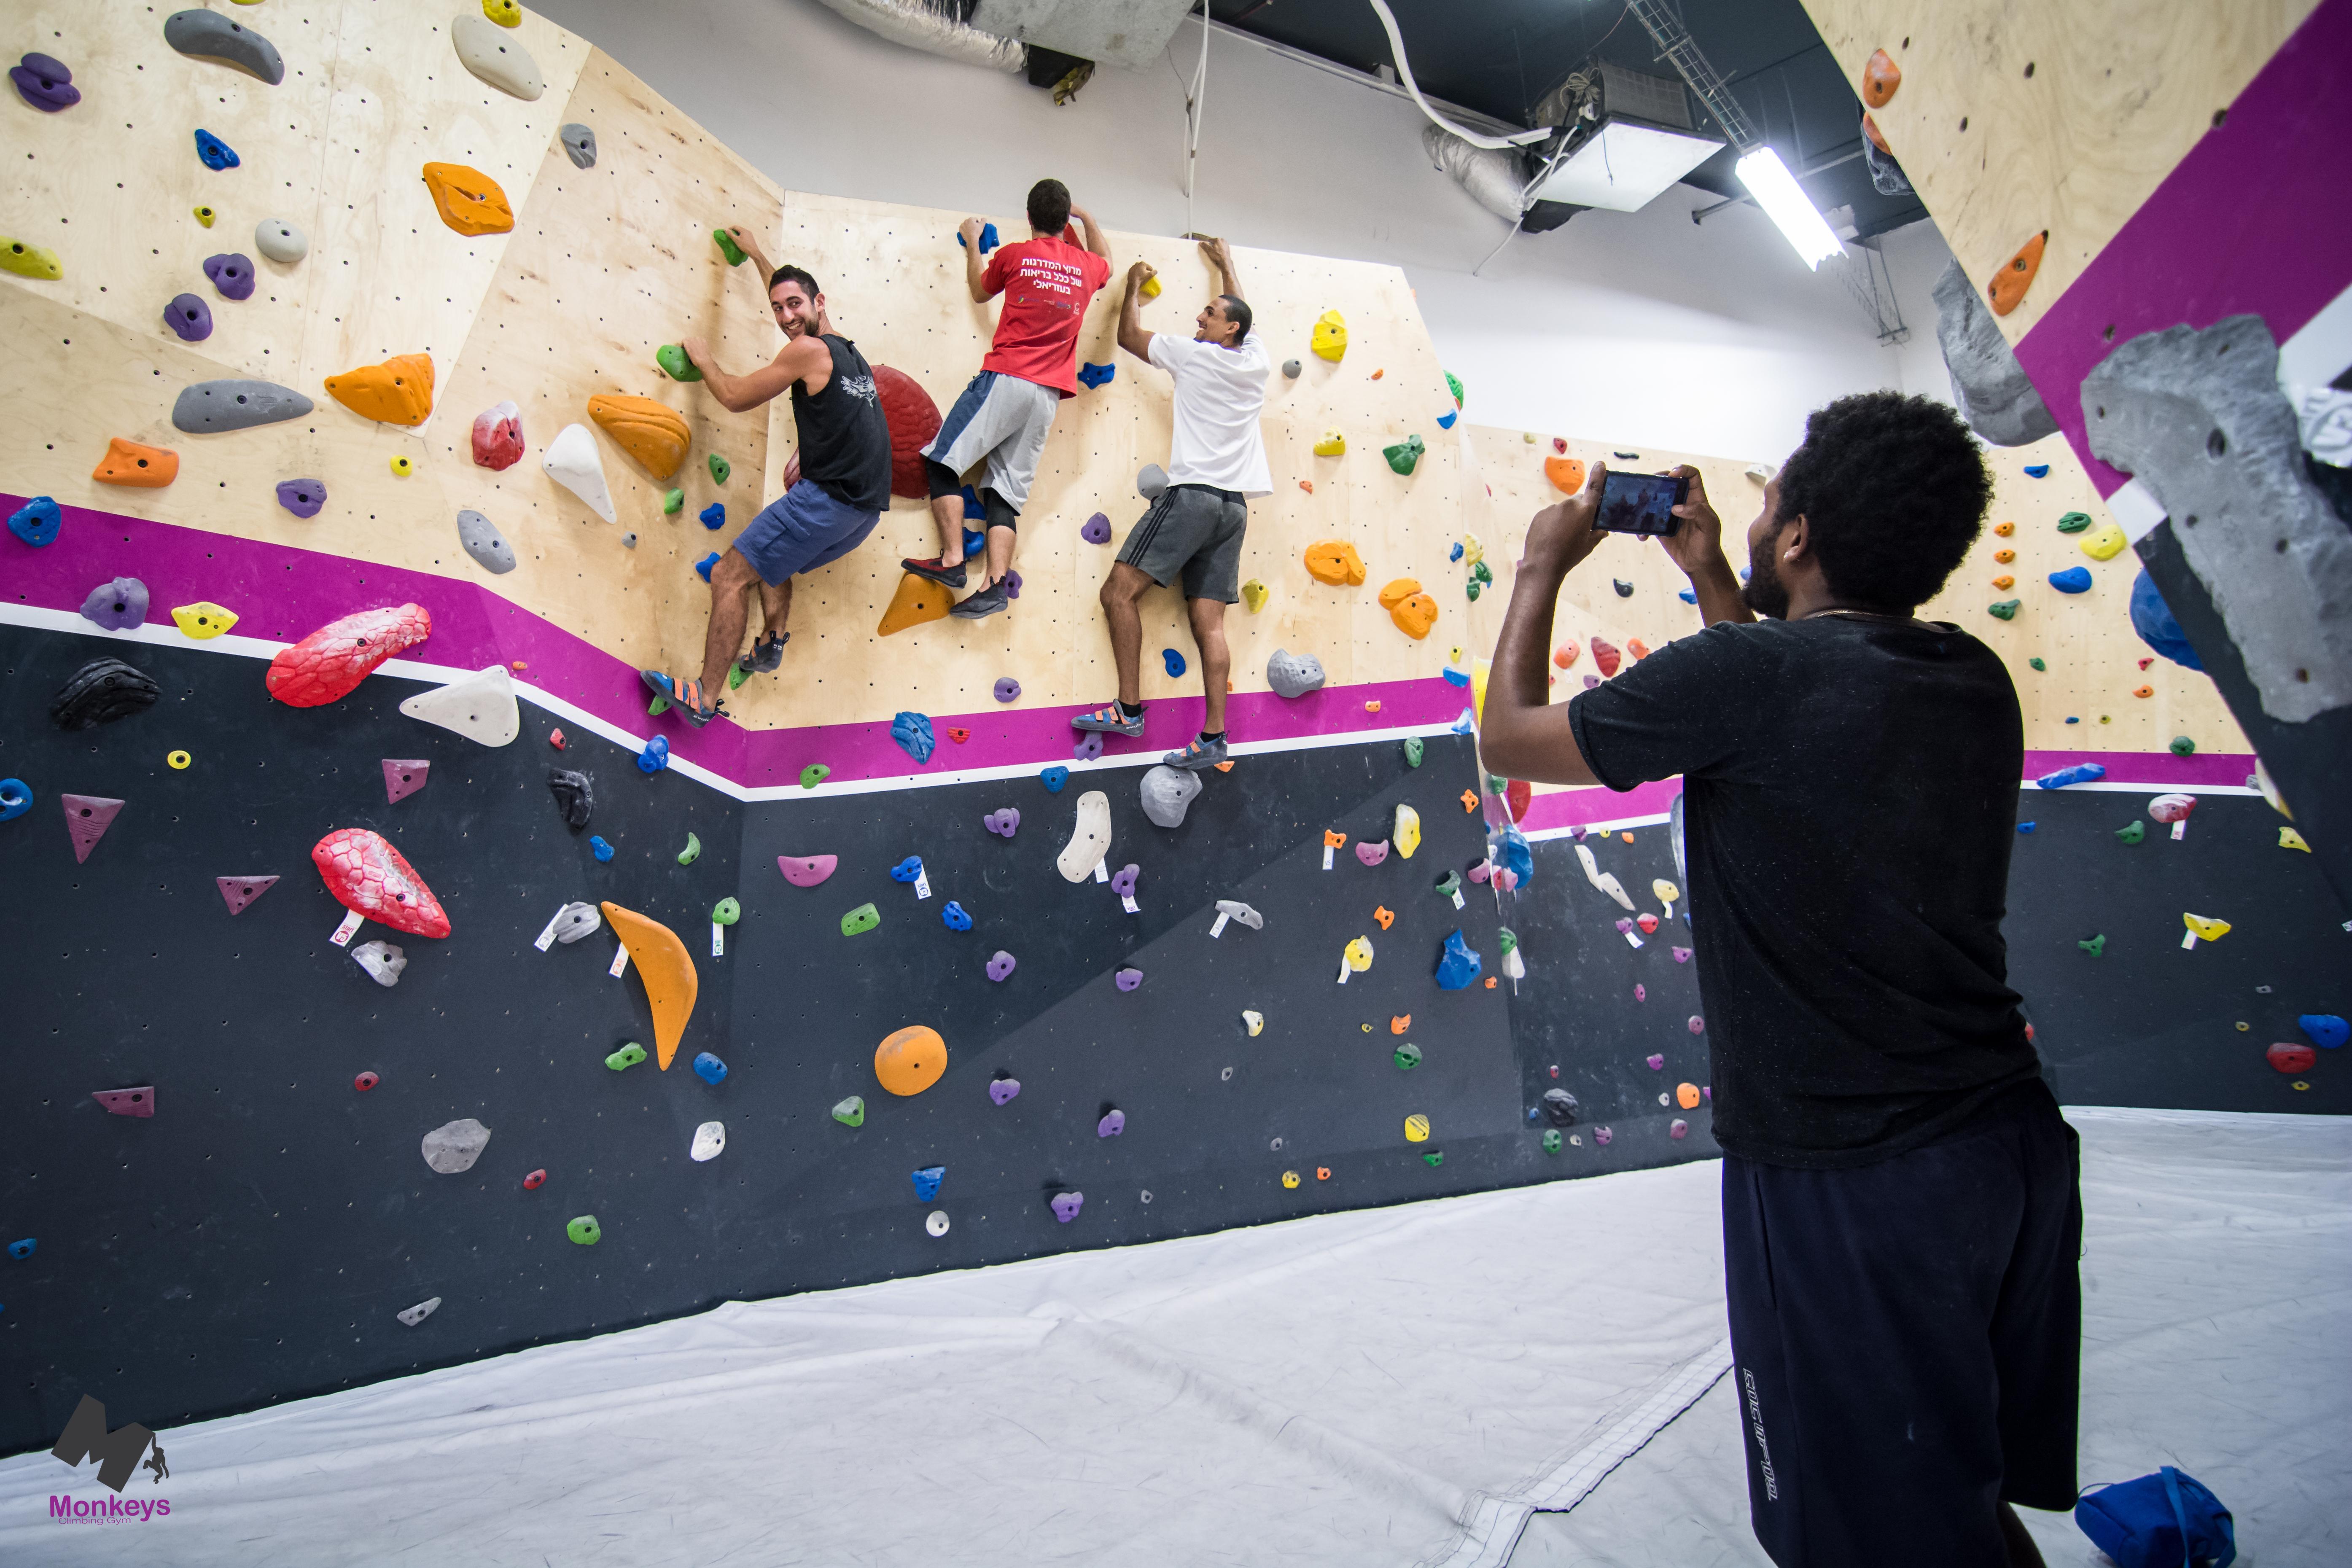 אדם מצלם שלושה מטפסים שעל הקיר טיפוס